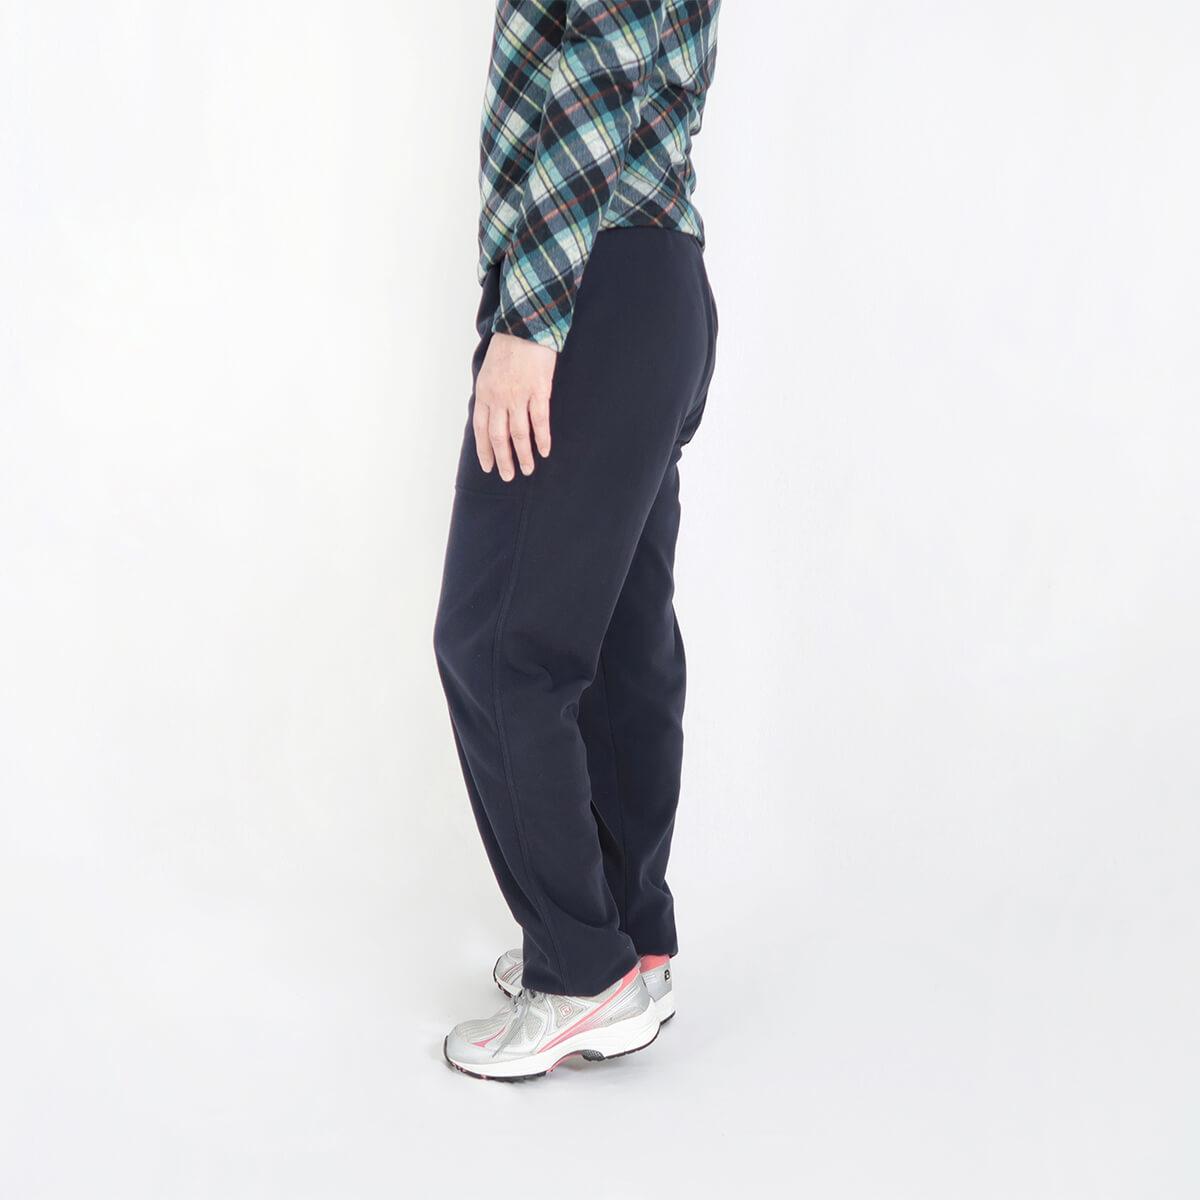 加大尺碼台灣製超細搖粒毛保暖褲 內裡刷毛保暖長褲 保暖棉褲長褲 機能纖維 全腰圍鬆緊帶 一件抵多件 MADE IN TAIWAN WARM FLEECE PANTS FLEECE LINED (020-2805-08)深藍色、(020-2805-19)深咖啡 腰圍M L XL 2L 3L(28~42英吋) 男女可穿 [實體店面保障] sun-e 8